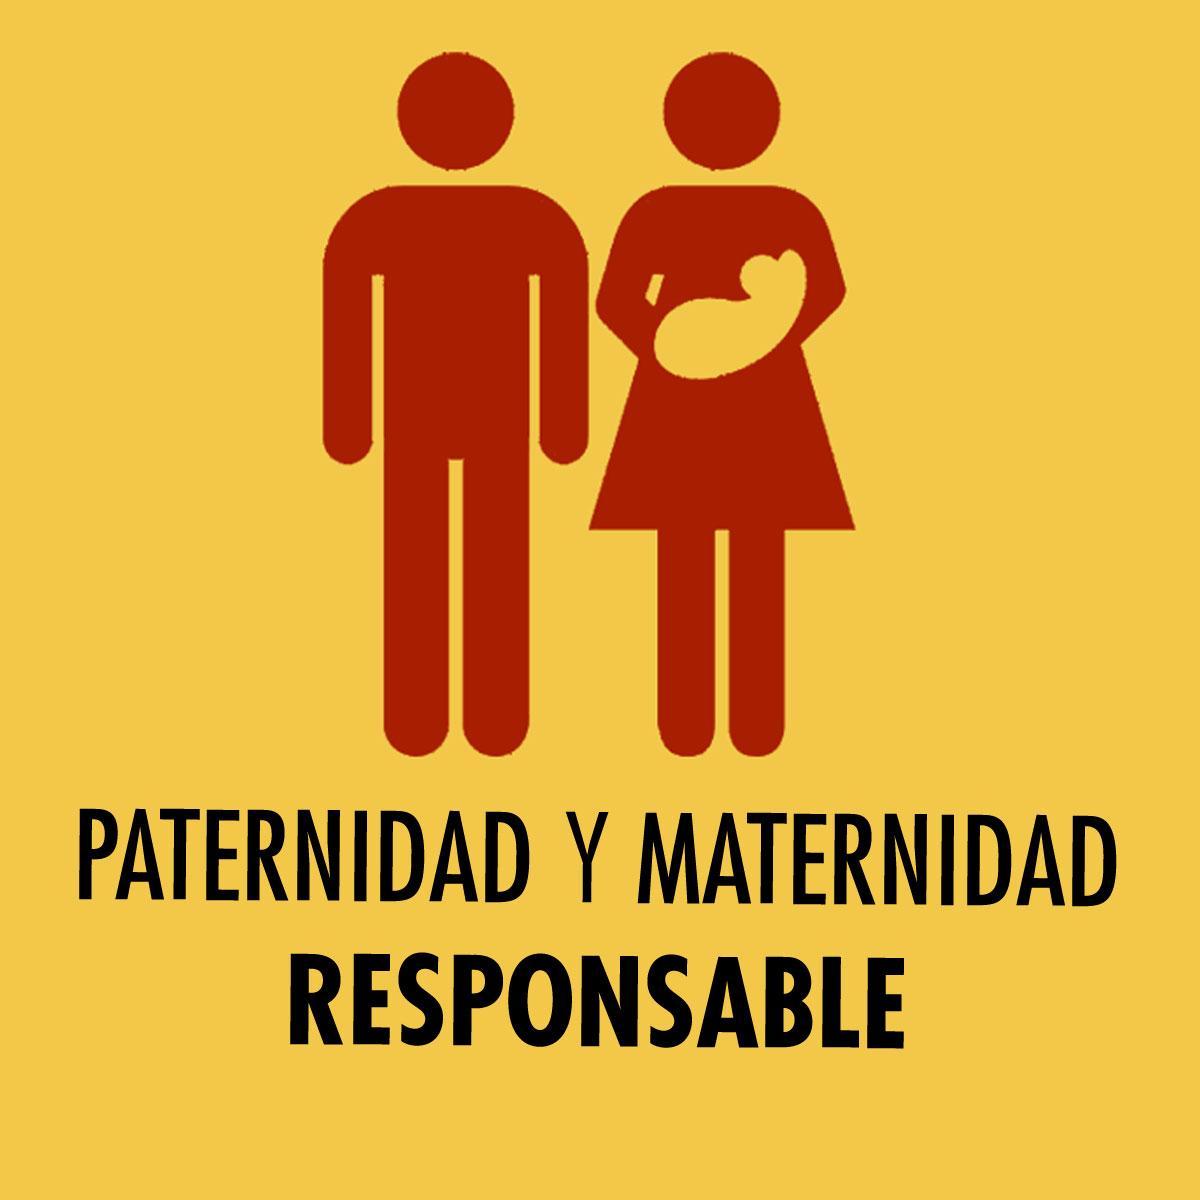 Paternidad y maternidad responsable alguien for Derecho de paternidad